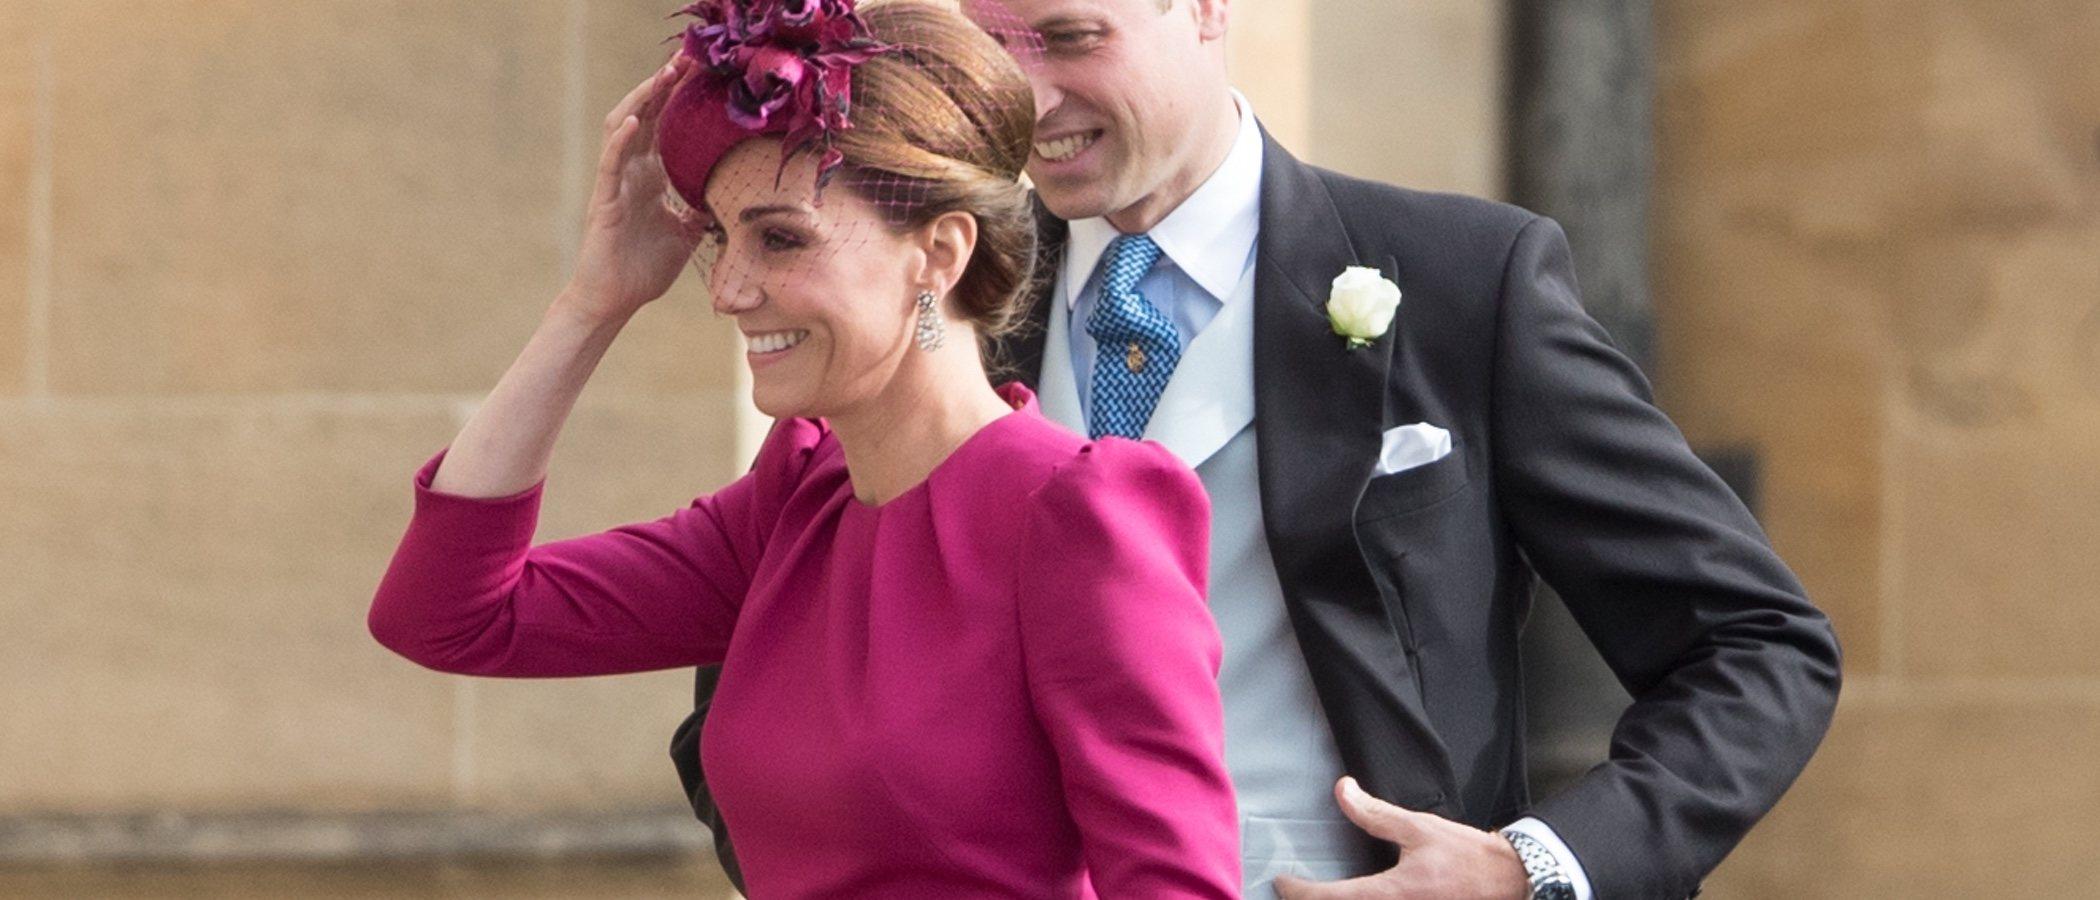 Los looks de las invitadas a la boda de Eugenia de York y Jack Brooksbank